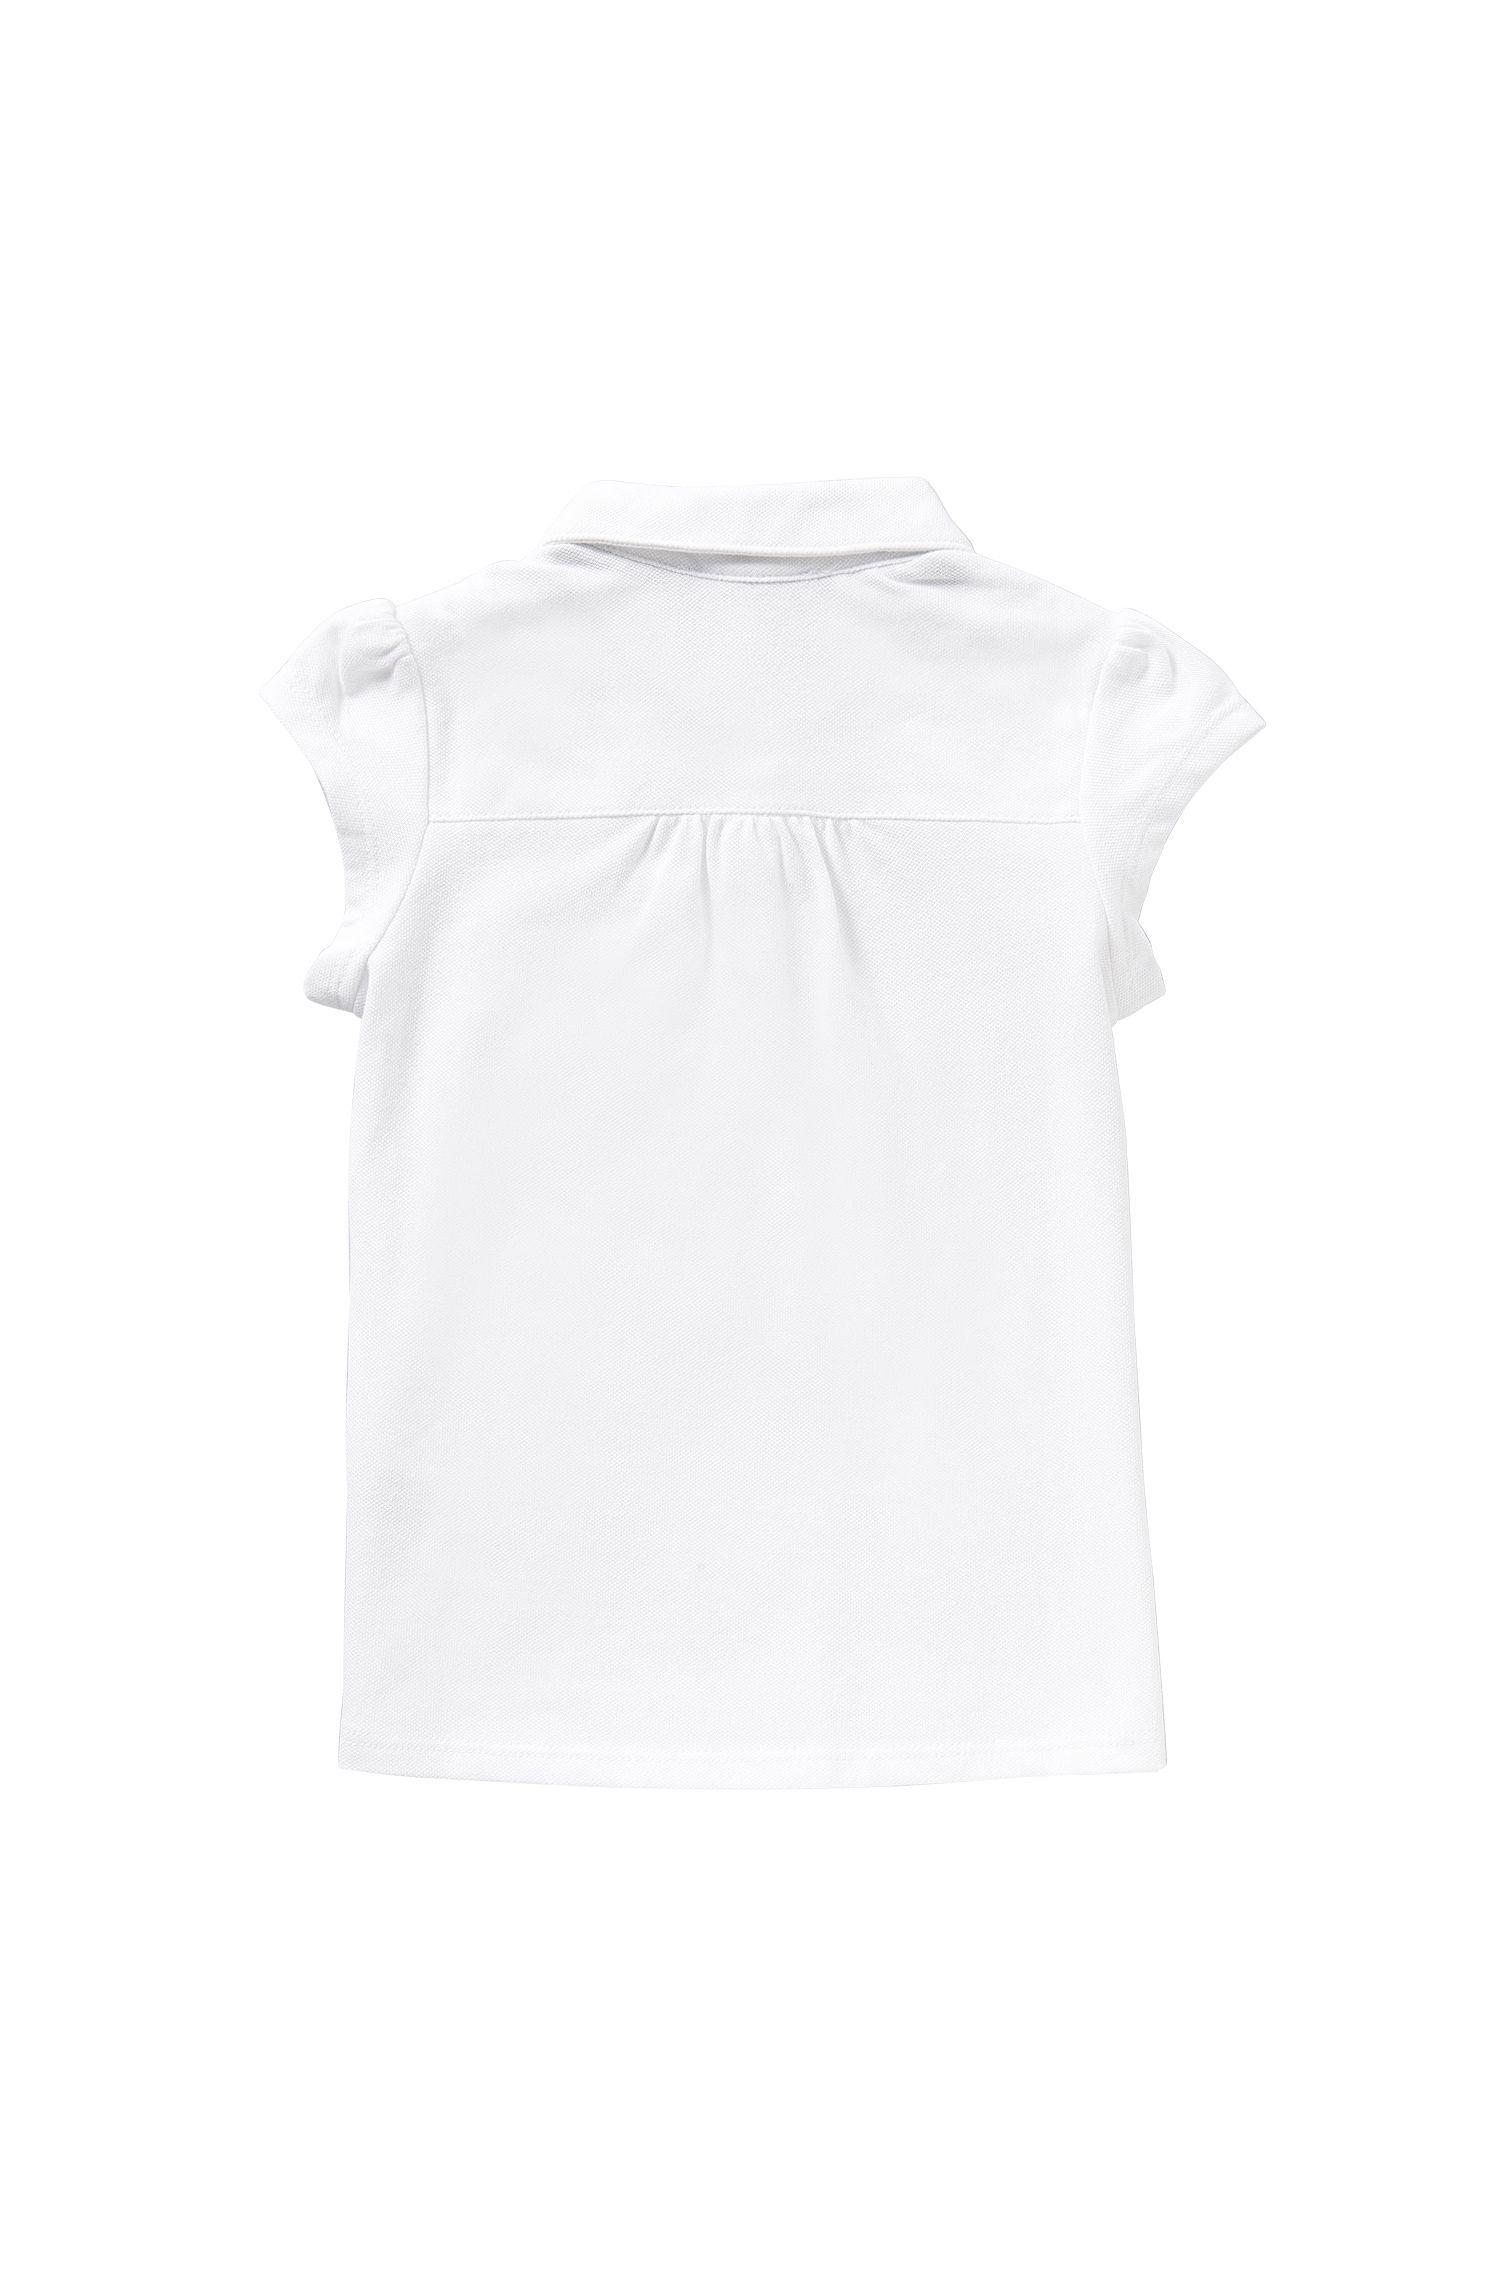 Maglietta polo per bambine in cotone elasticizzato con taschino applicato sul petto: 'J15343'